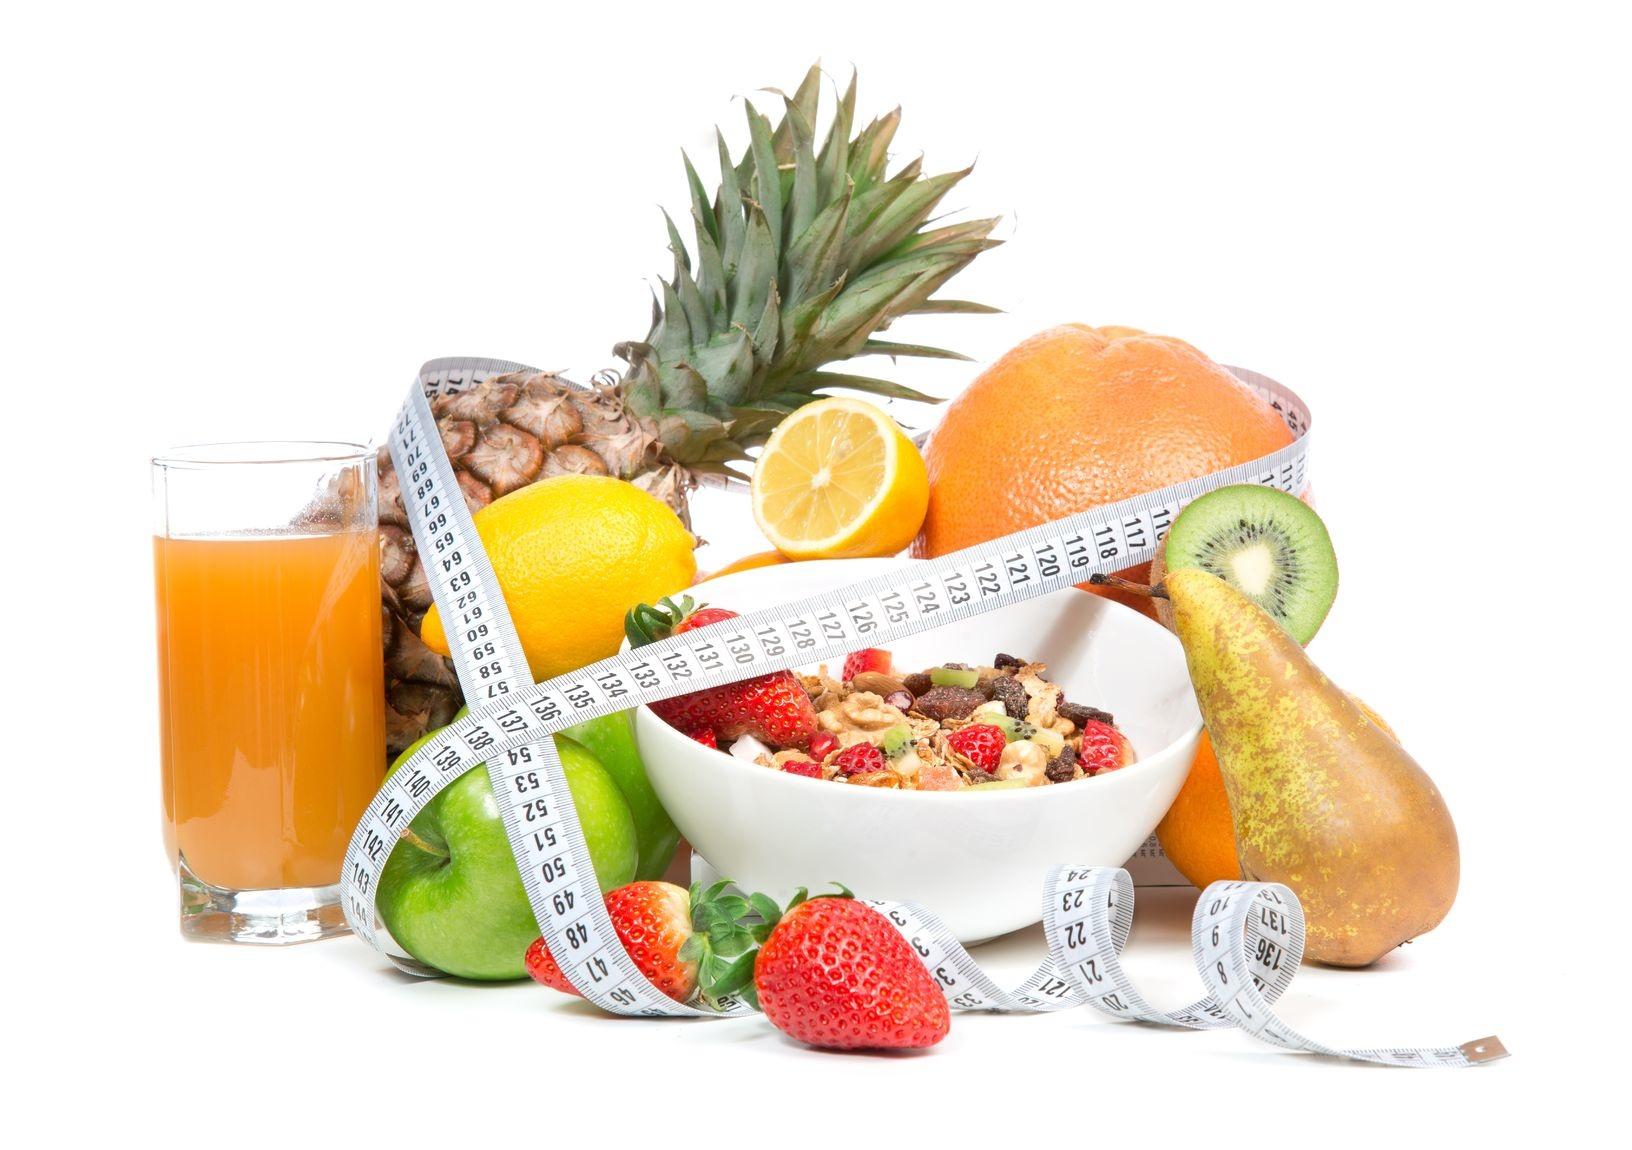 consultas de nutricao vegetarianas, veganas, perda de peso, ganha de peso, patologias